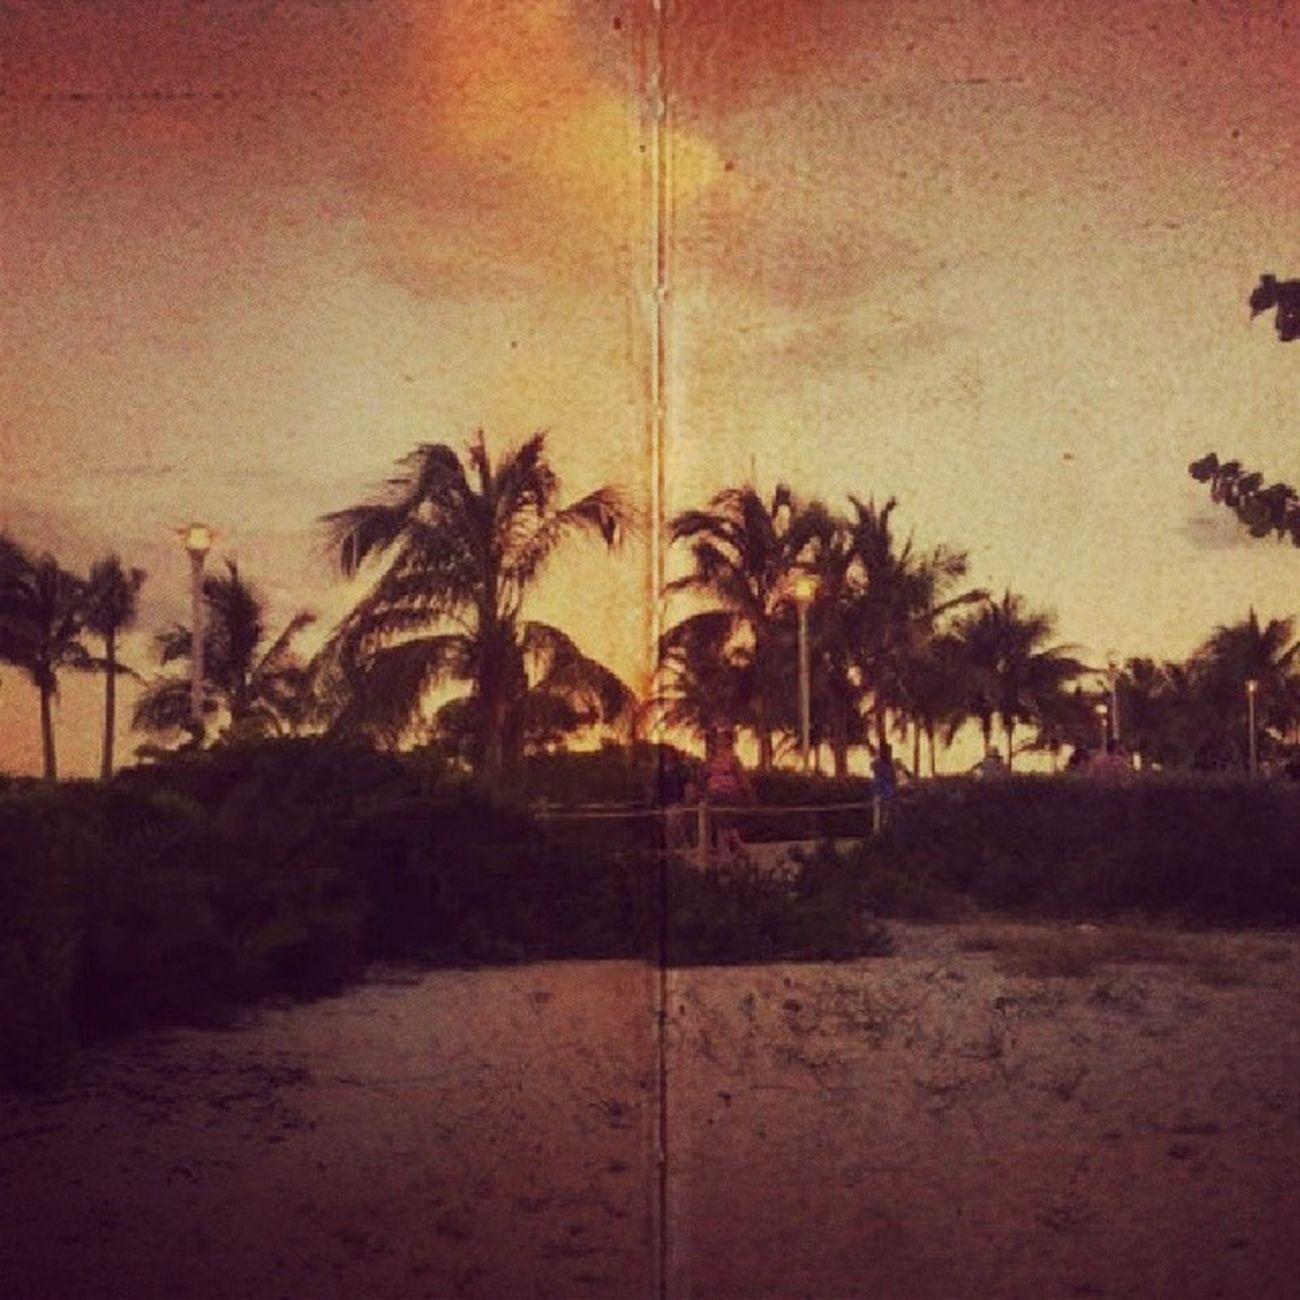 Miami....Southbeach Miami Luademel Vivalavida saudades vintique viveremmiami miamibeach